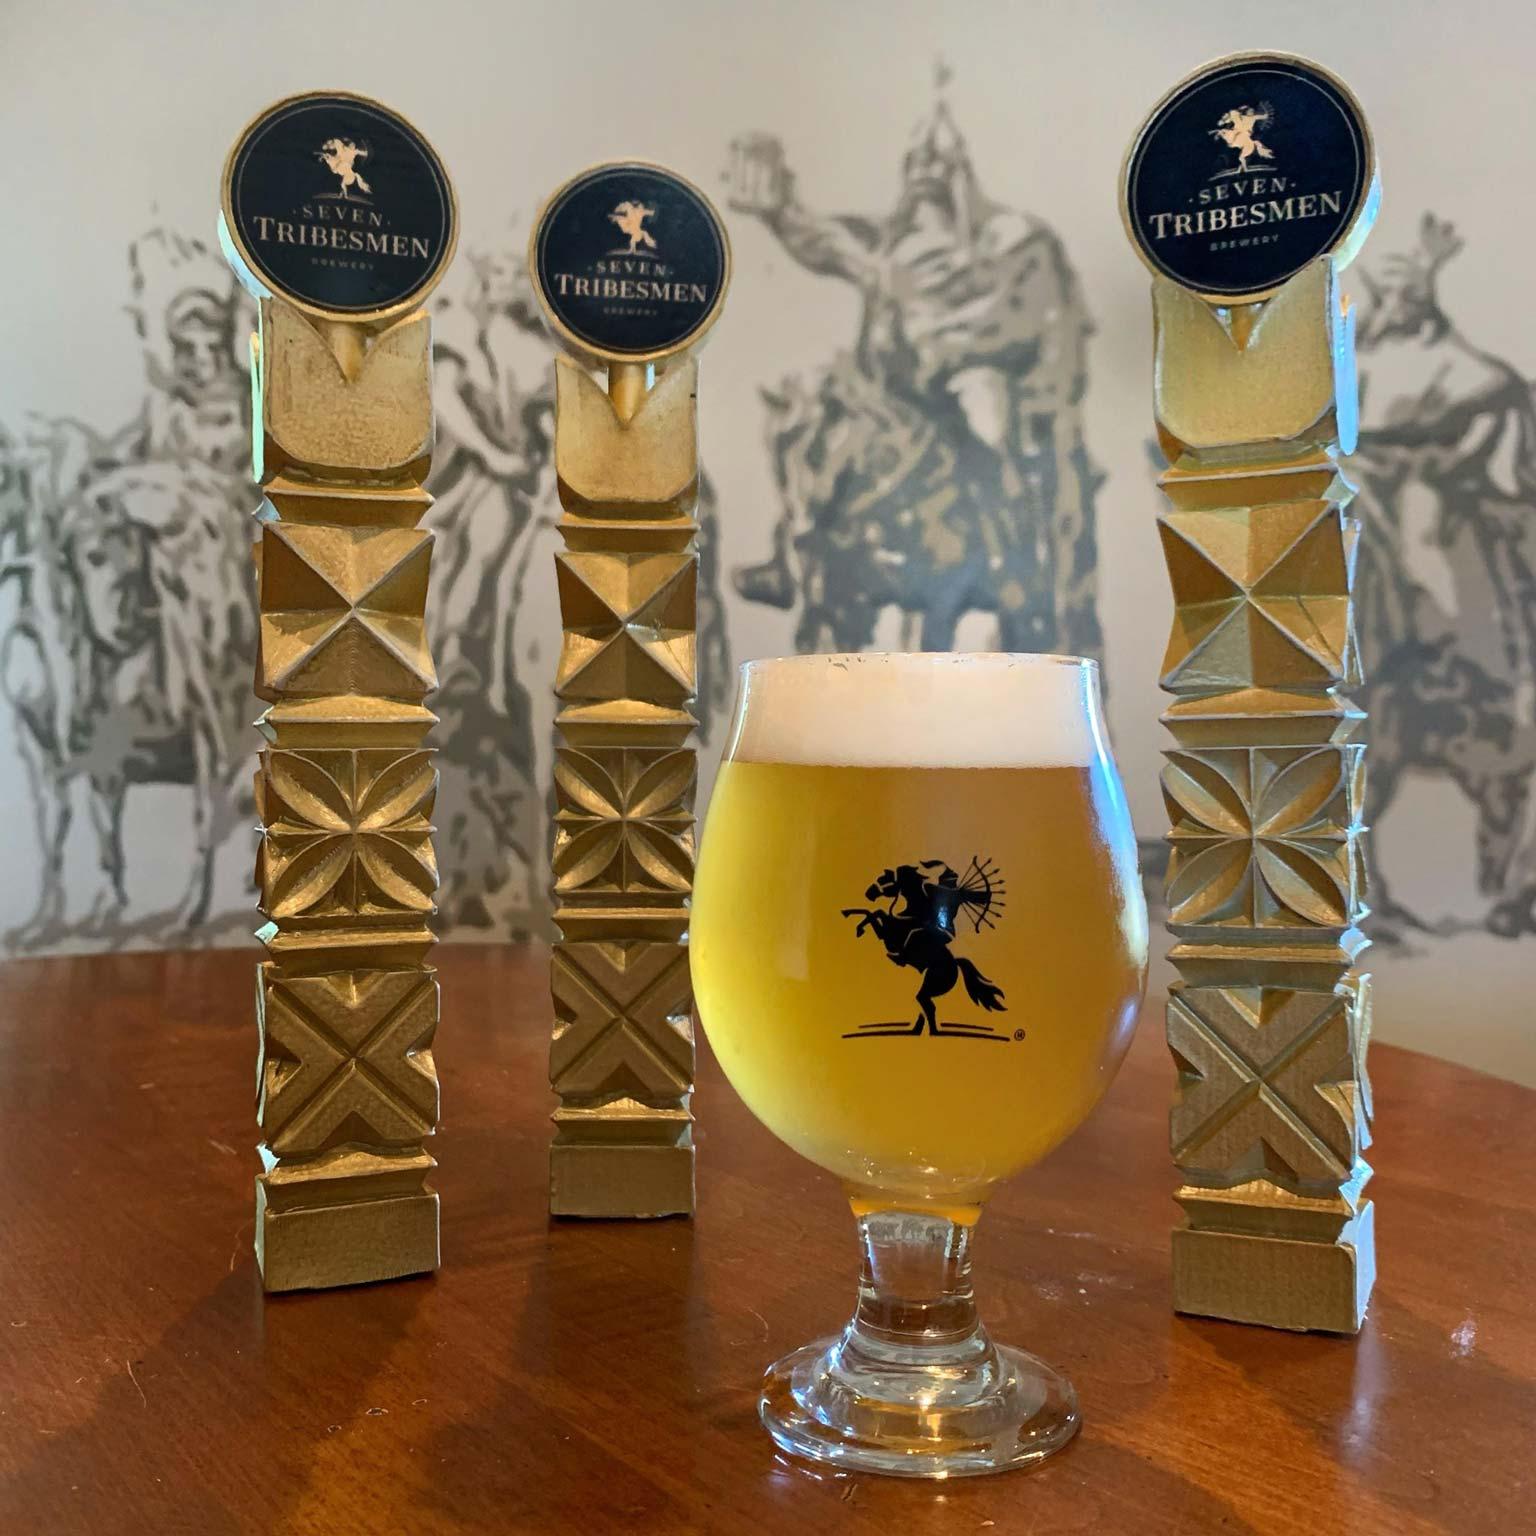 Seven Tribesmen Brewery